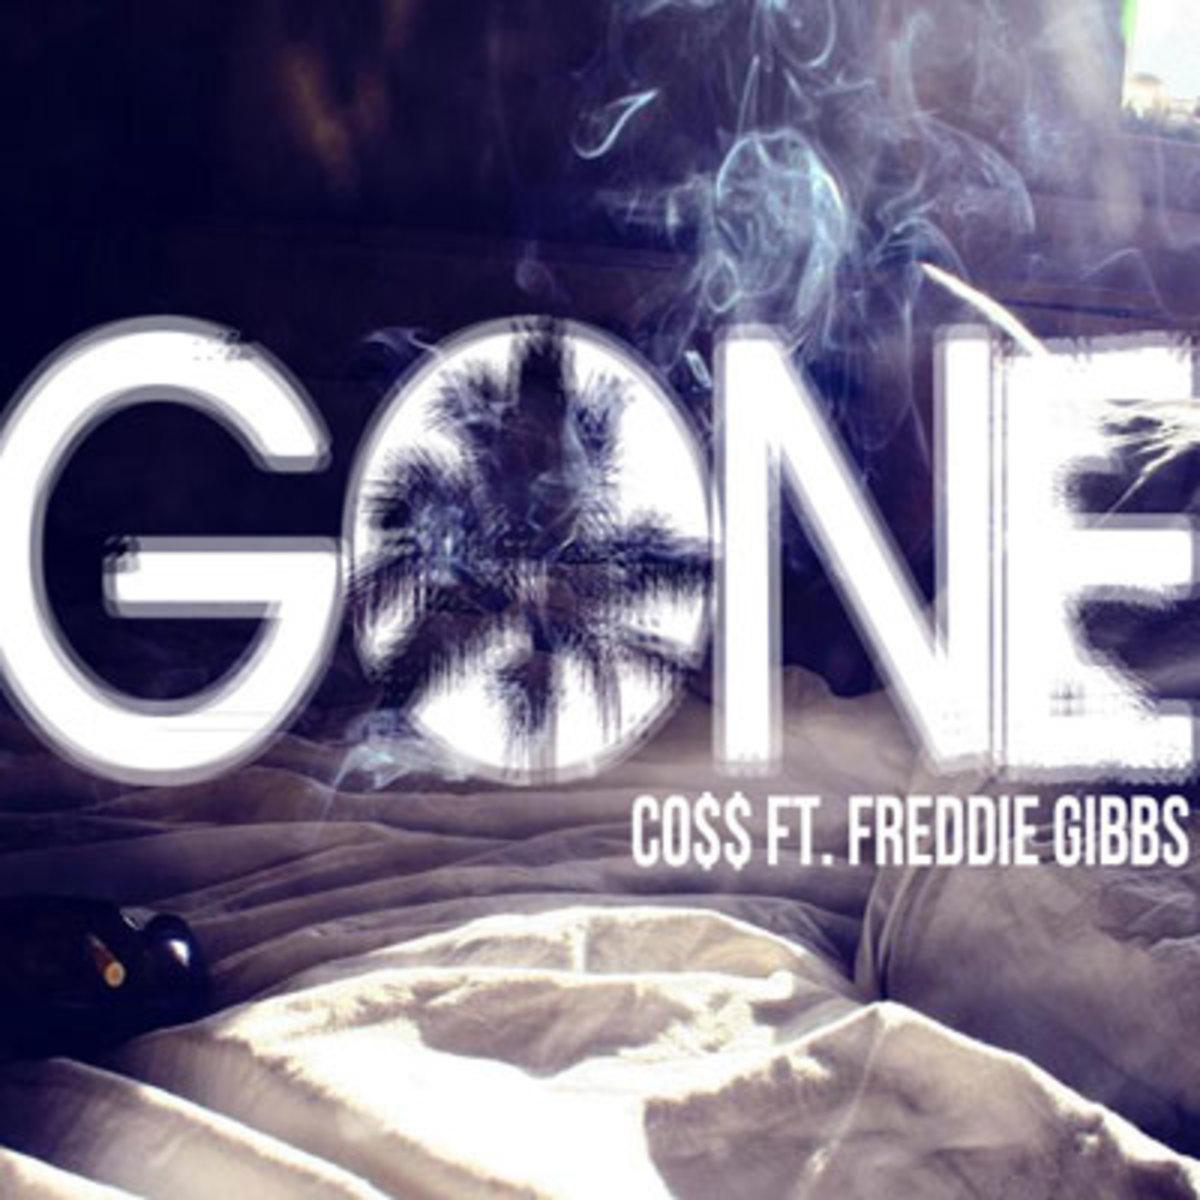 coss-gone.jpg